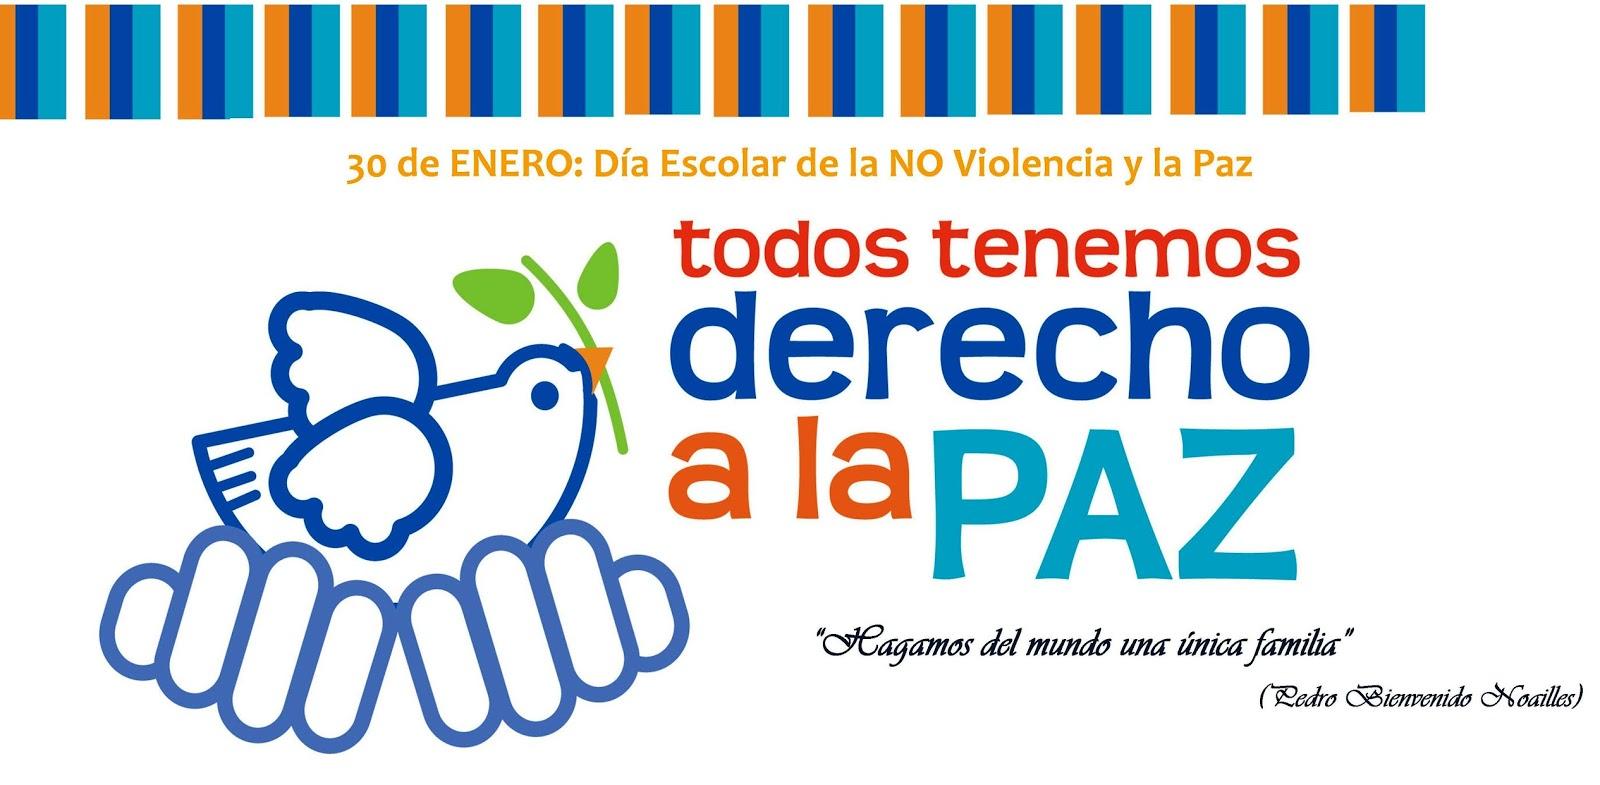 Día De La Paz 30 De Enero De 2007: La Inteligencia Emocional En Los Niños.: Día De La PAZ